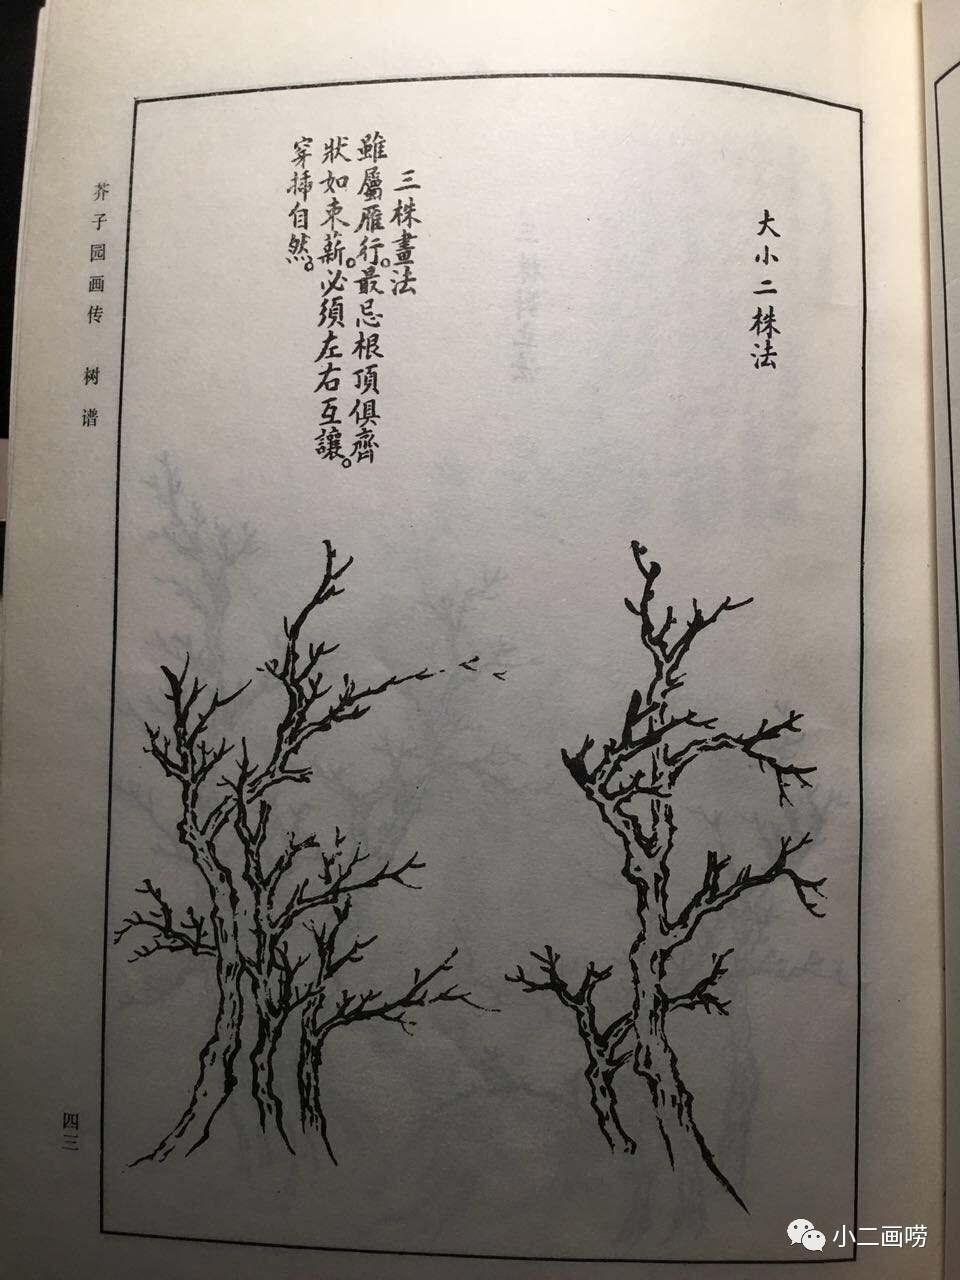 小二画唠:山水工笔水墨画,云雾水流树石人丨艺库